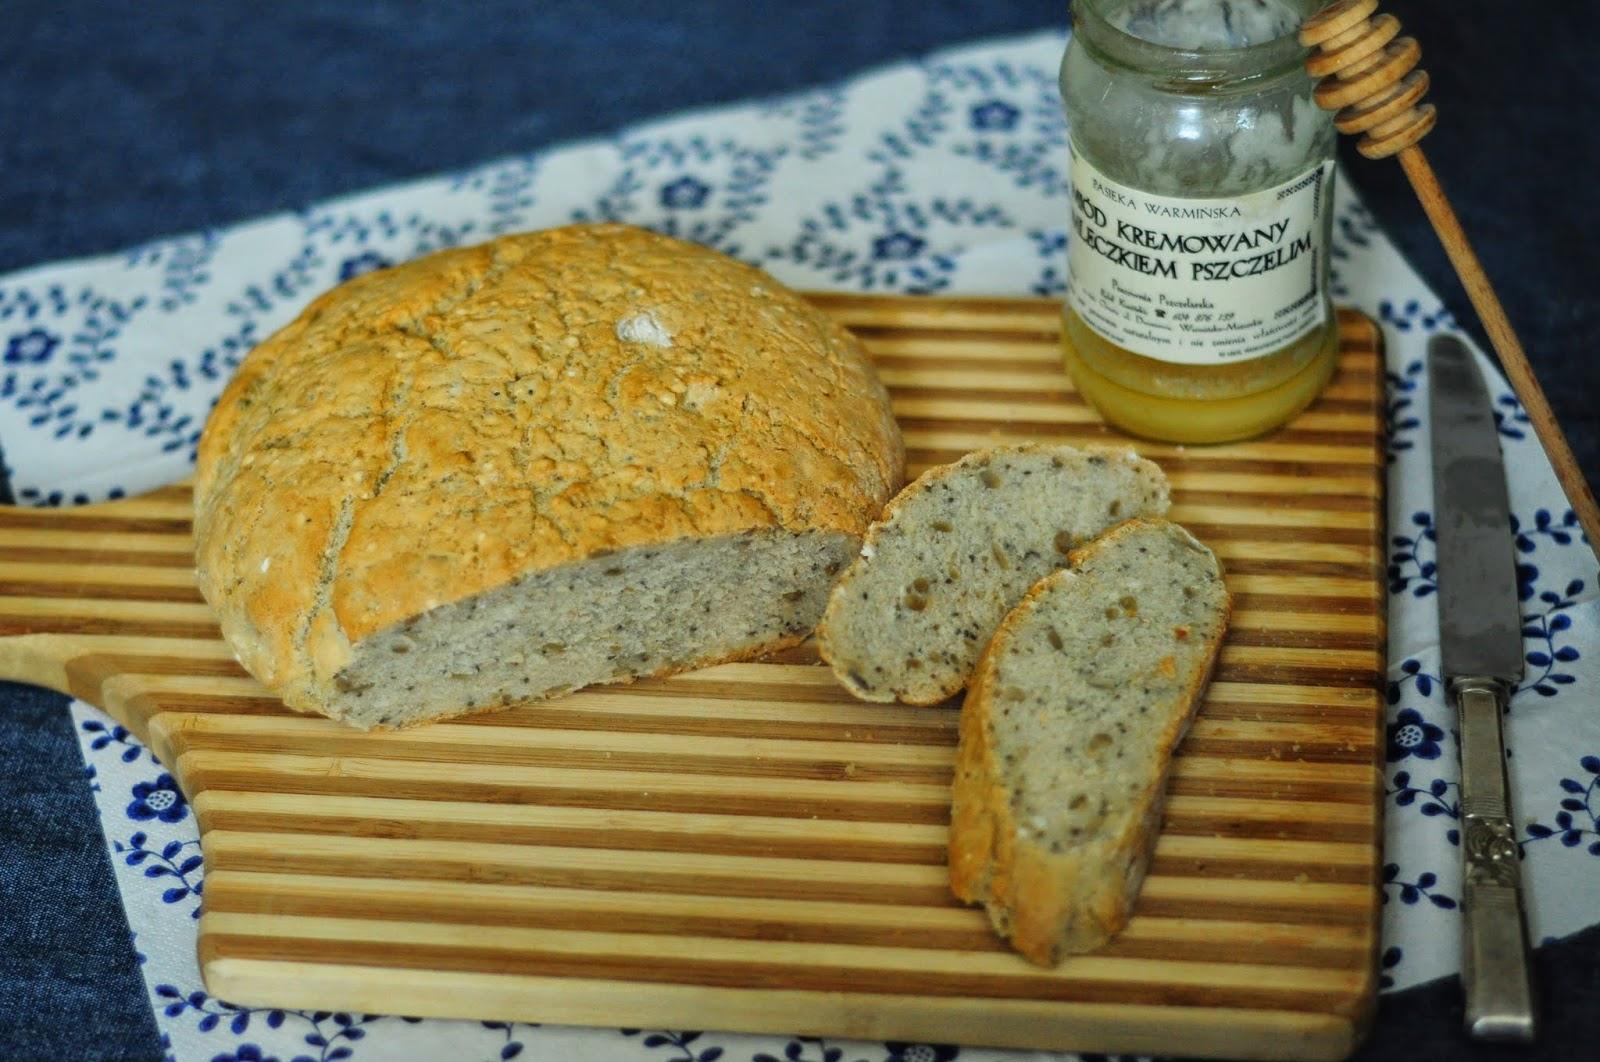 chleb żytni z nasionami chia, chleb na drożdżach, łatwy chleb do zrobienia w domu